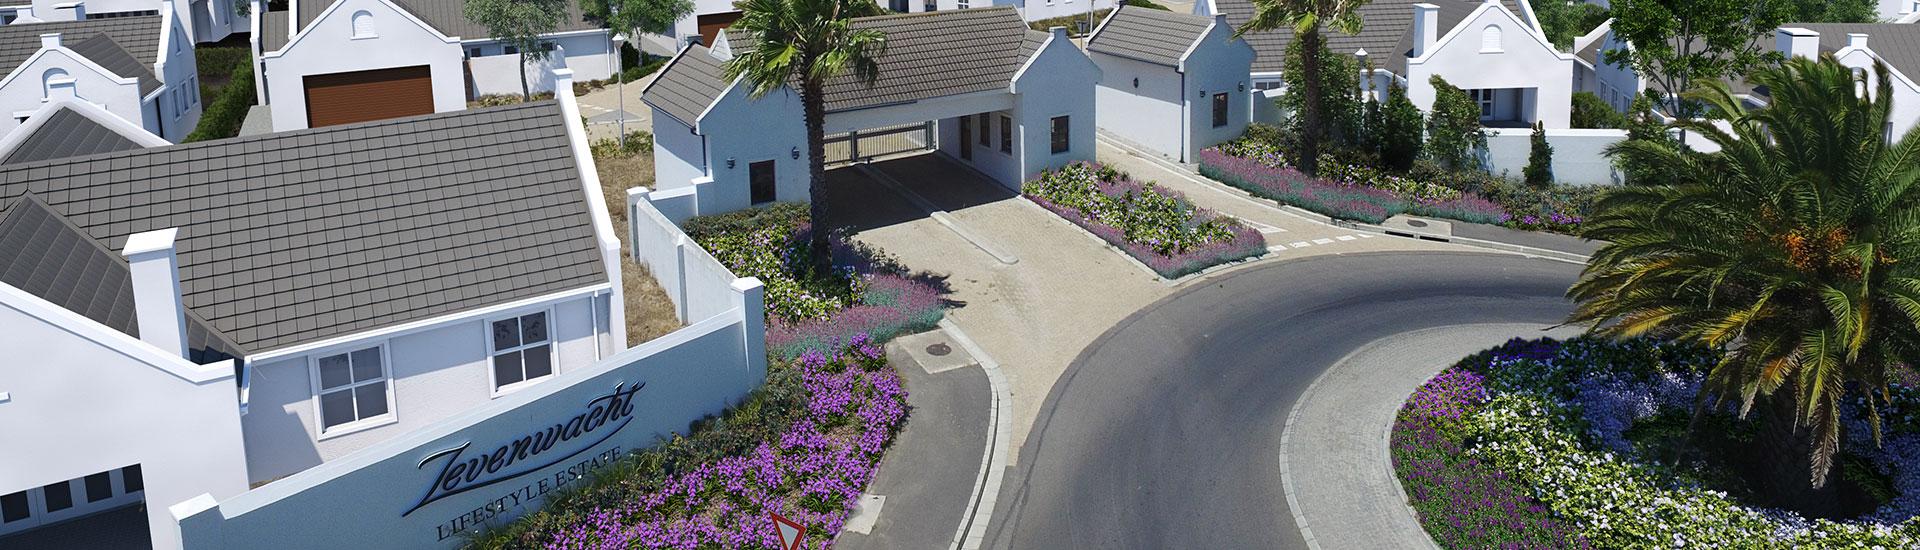 zevenwacht-lifestyle-estate-slider-security